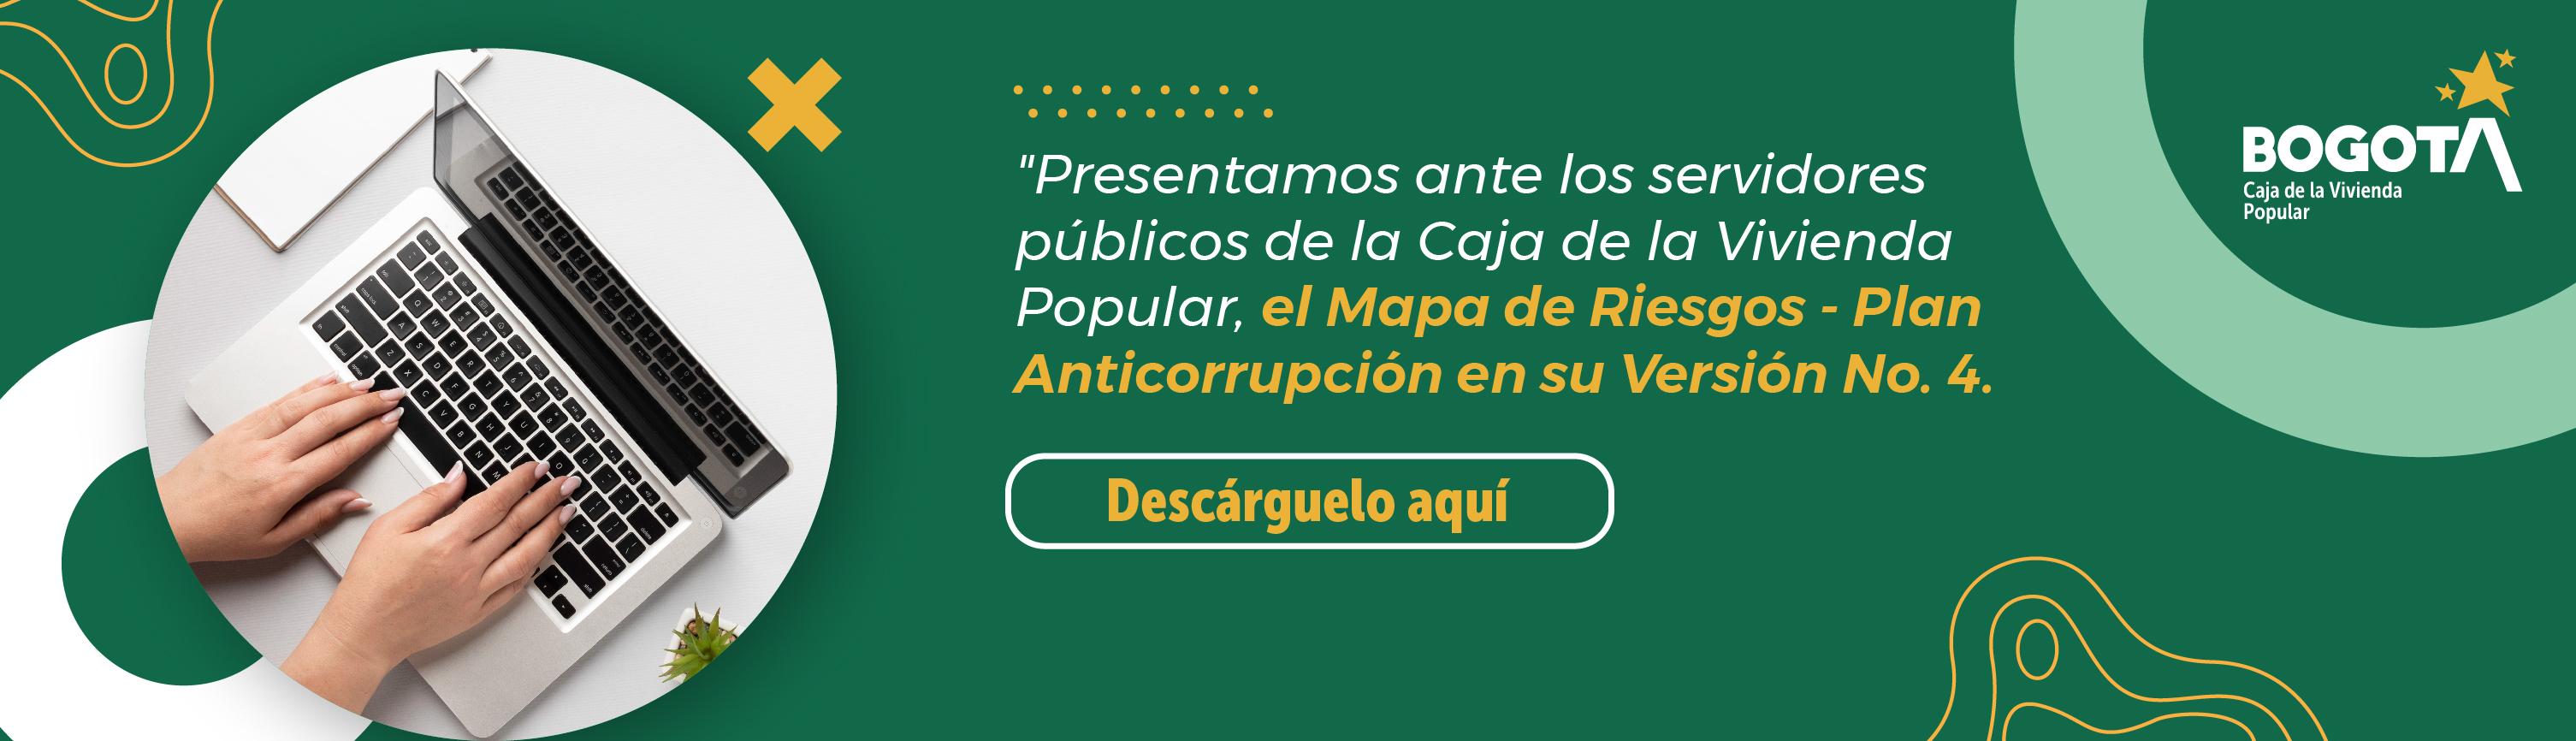 Presentamos ante los servidores públicos de la Caja de la Vivienda Popular el Mapa de riesgos - Plan anticorrupción en su versión V4